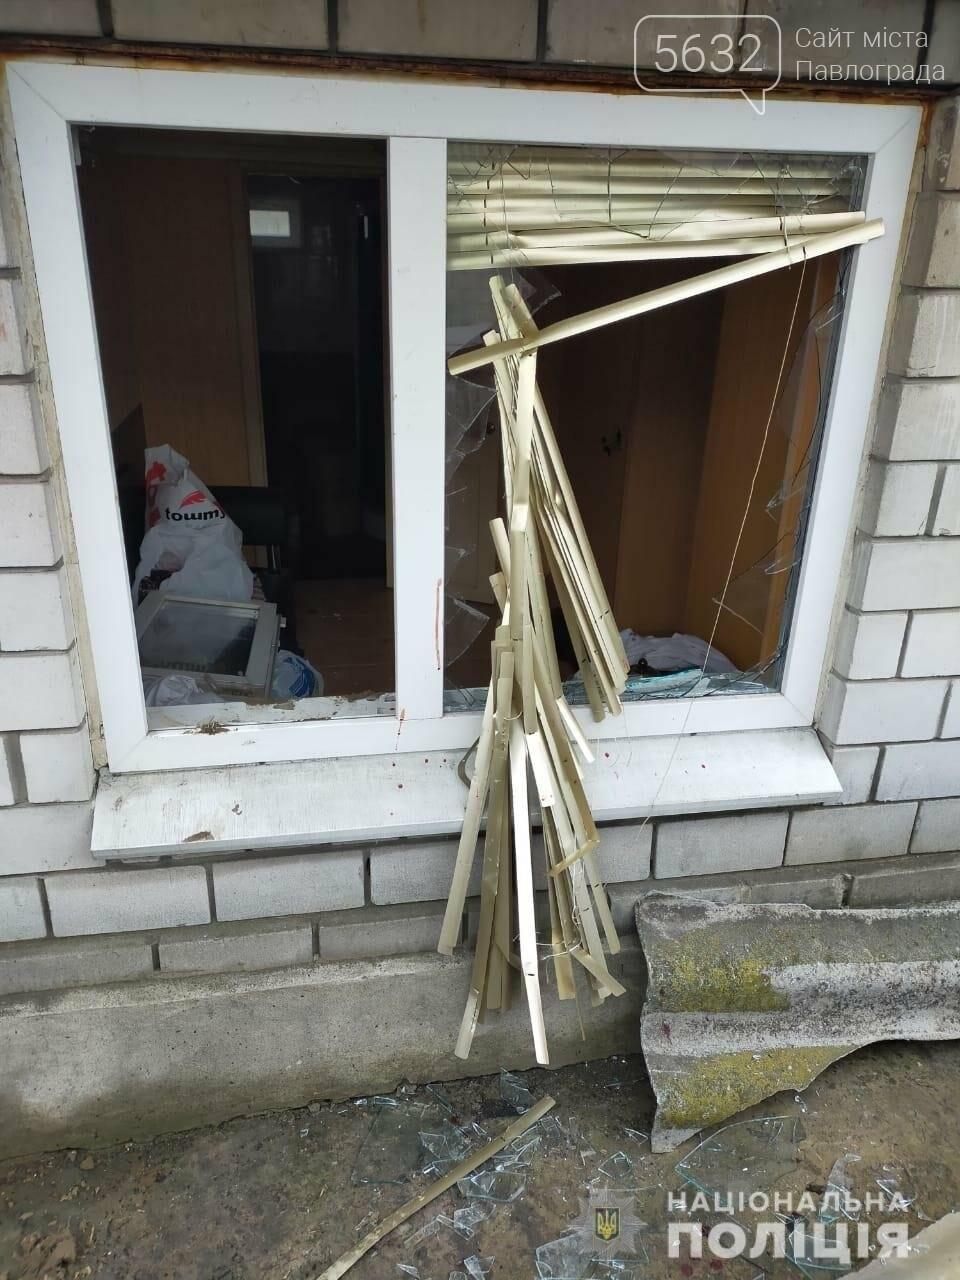 Разбил окно и проник в жилище: в Павлограде вор ограбил частный дом, фото-1